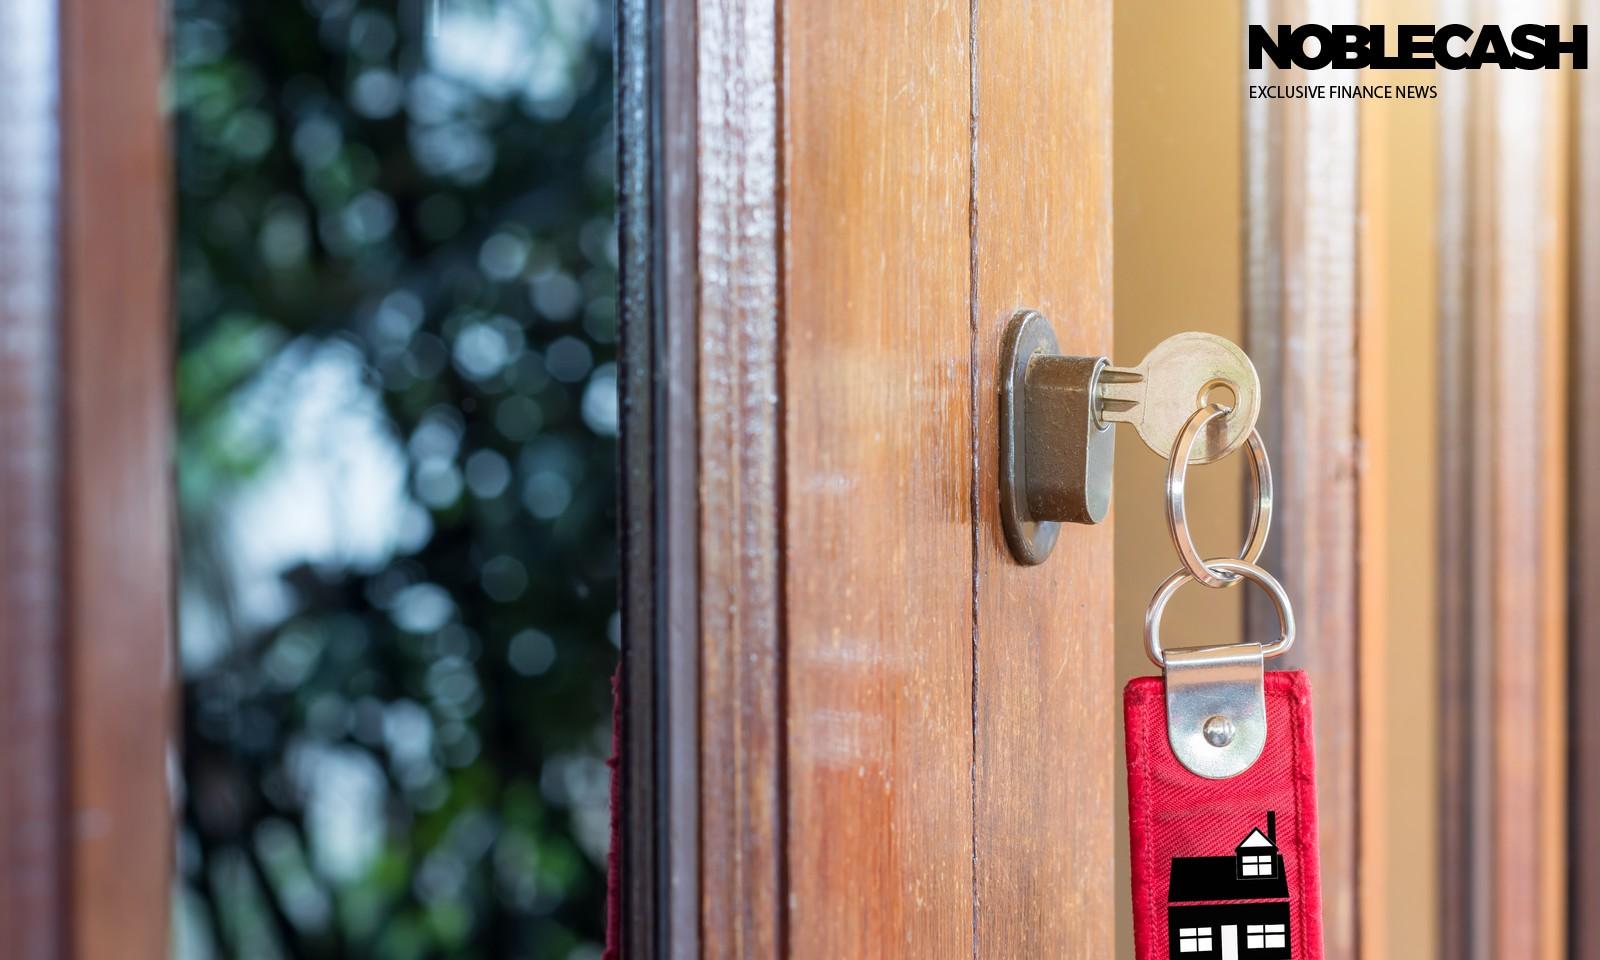 Key on hand of people open the door to inside ,outside door open